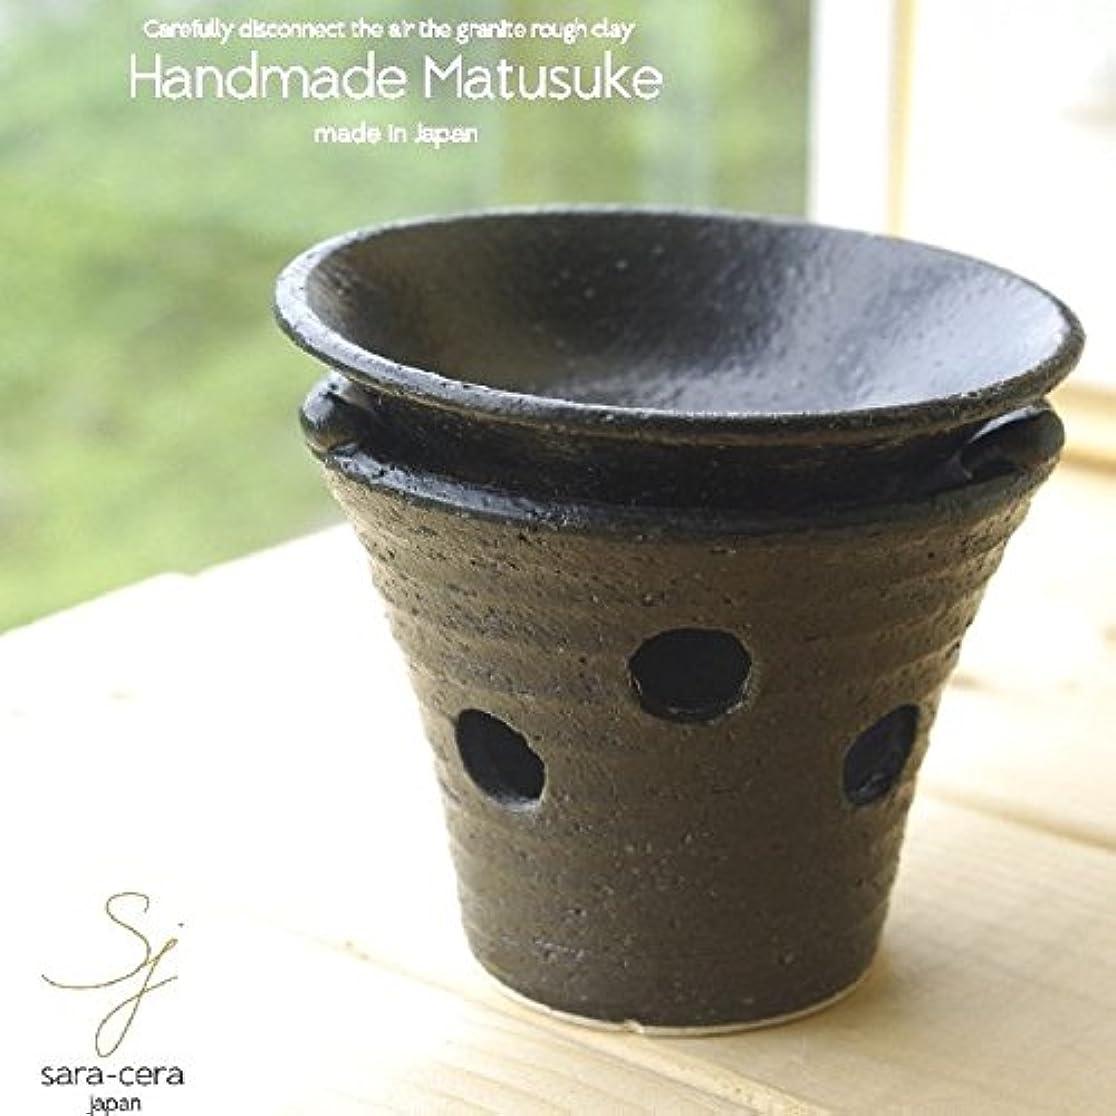 病気だと思うトロイの木馬ホール松助窯 手作り茶香炉セット 黒釉 ブラック アロマ 和食器 リビング